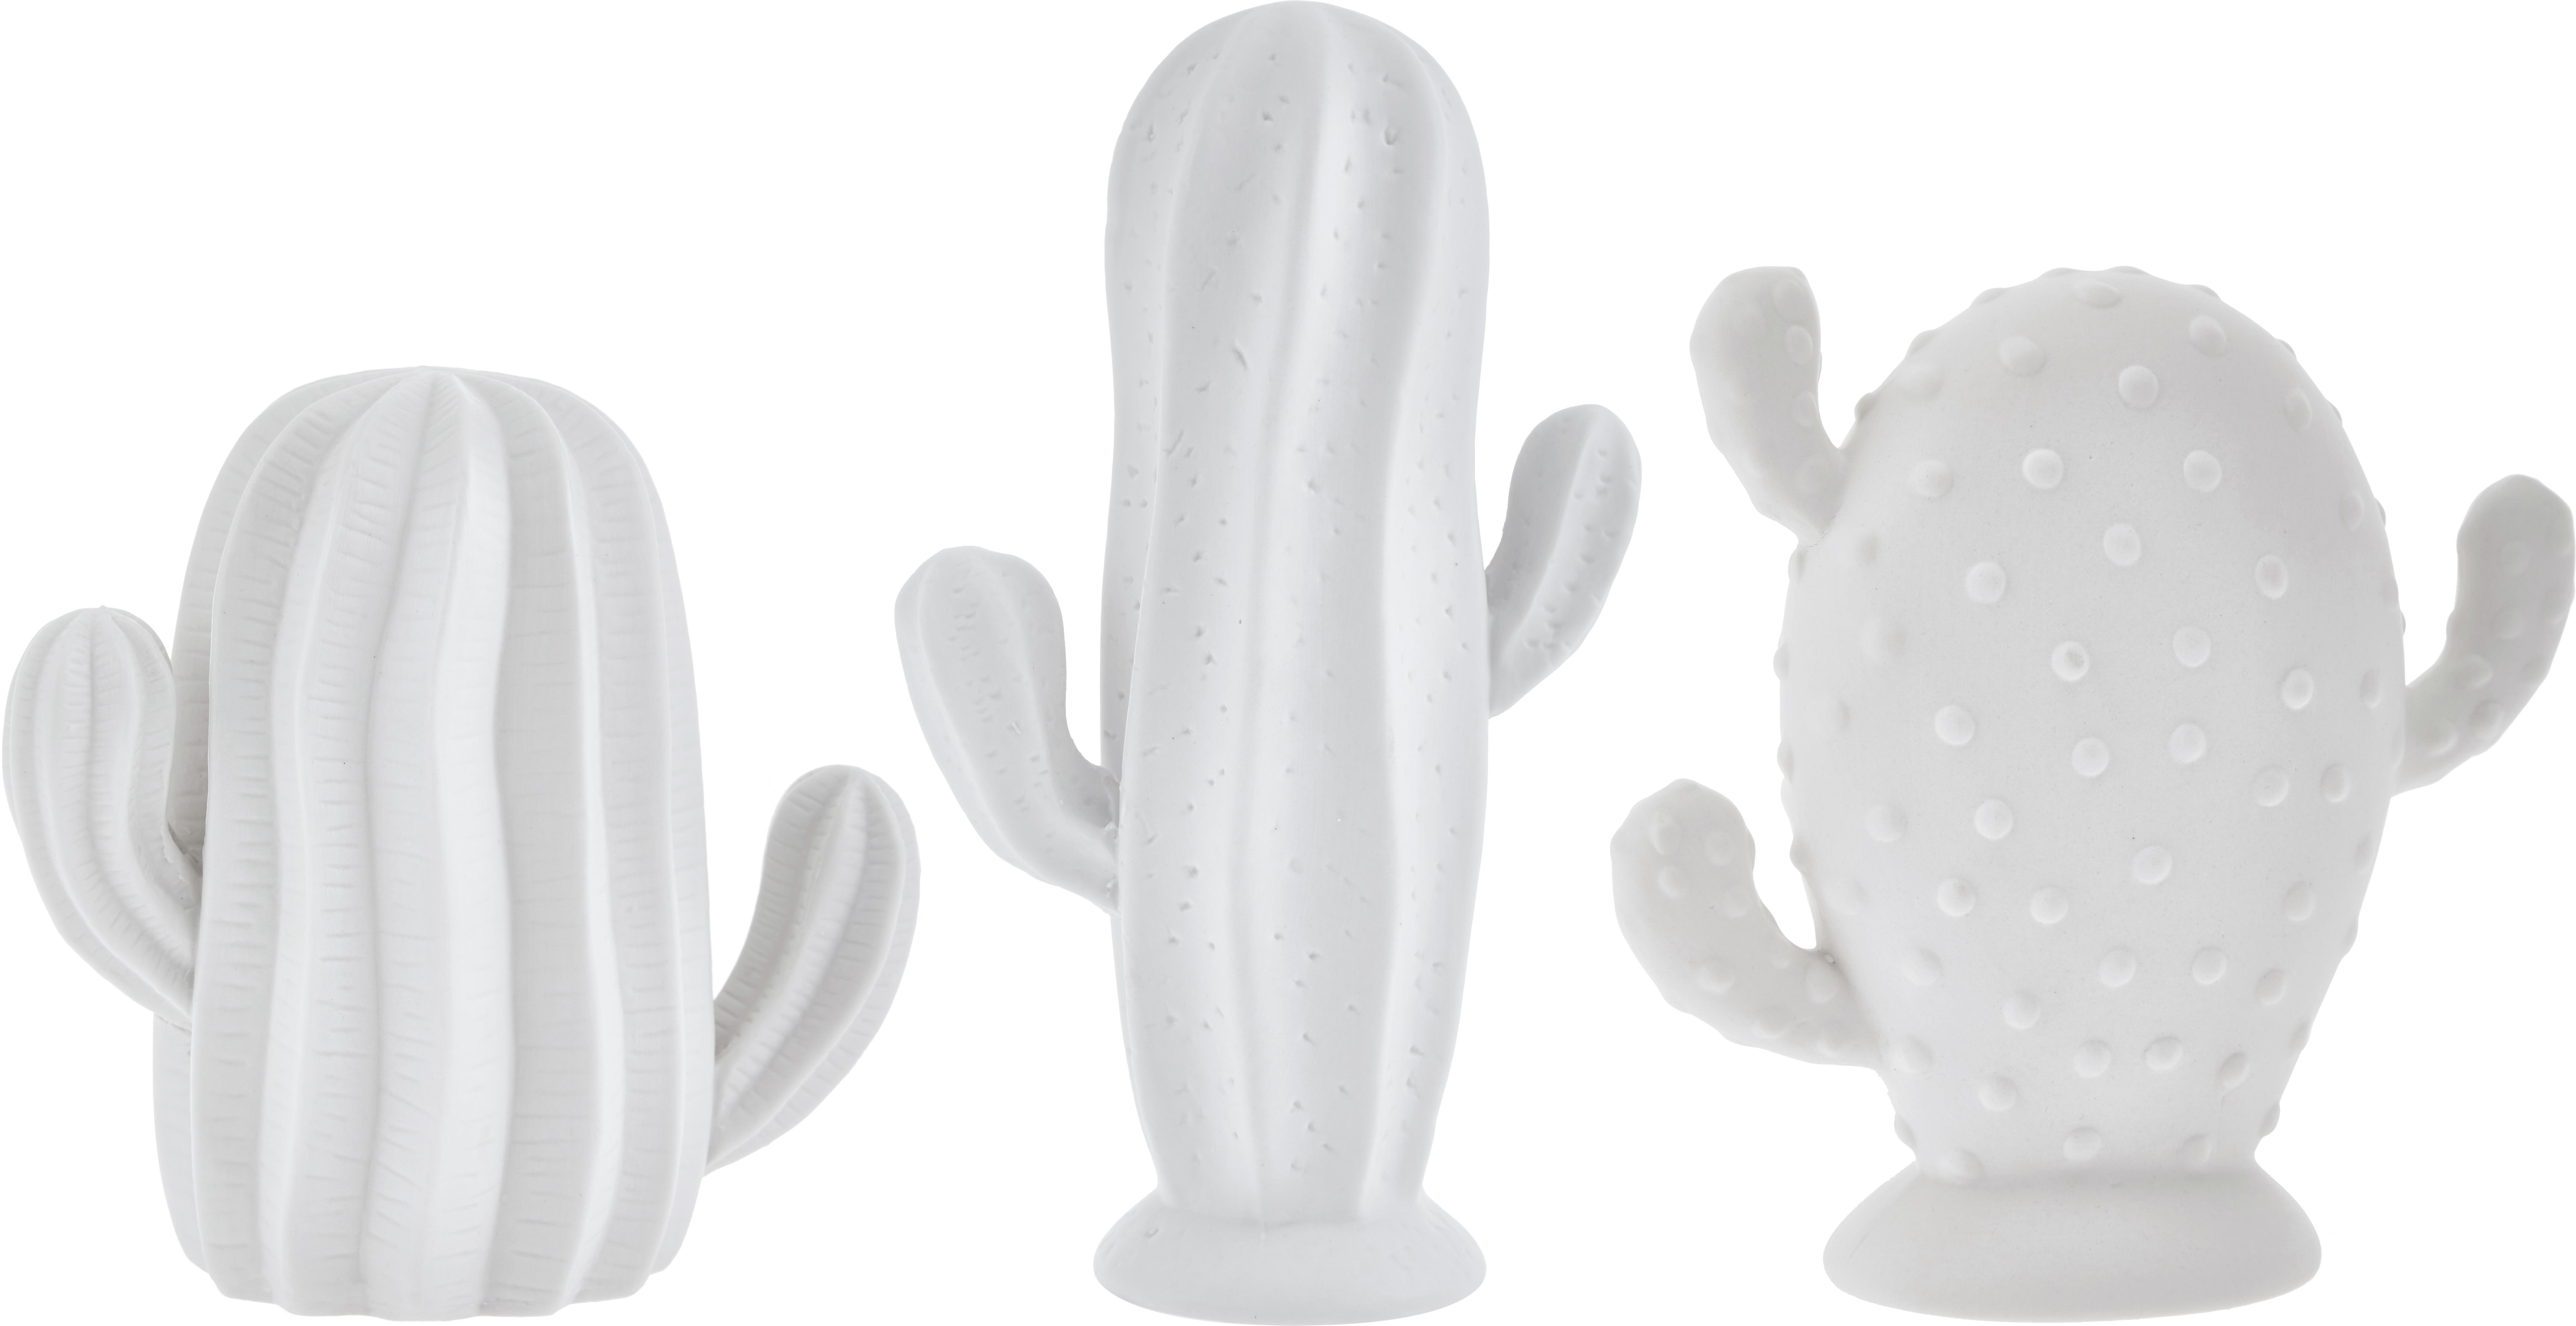 Decoratieve cactussenset Dina, 3-delig, Onbehandeld mat porselein, Wit, Verschillende formaten